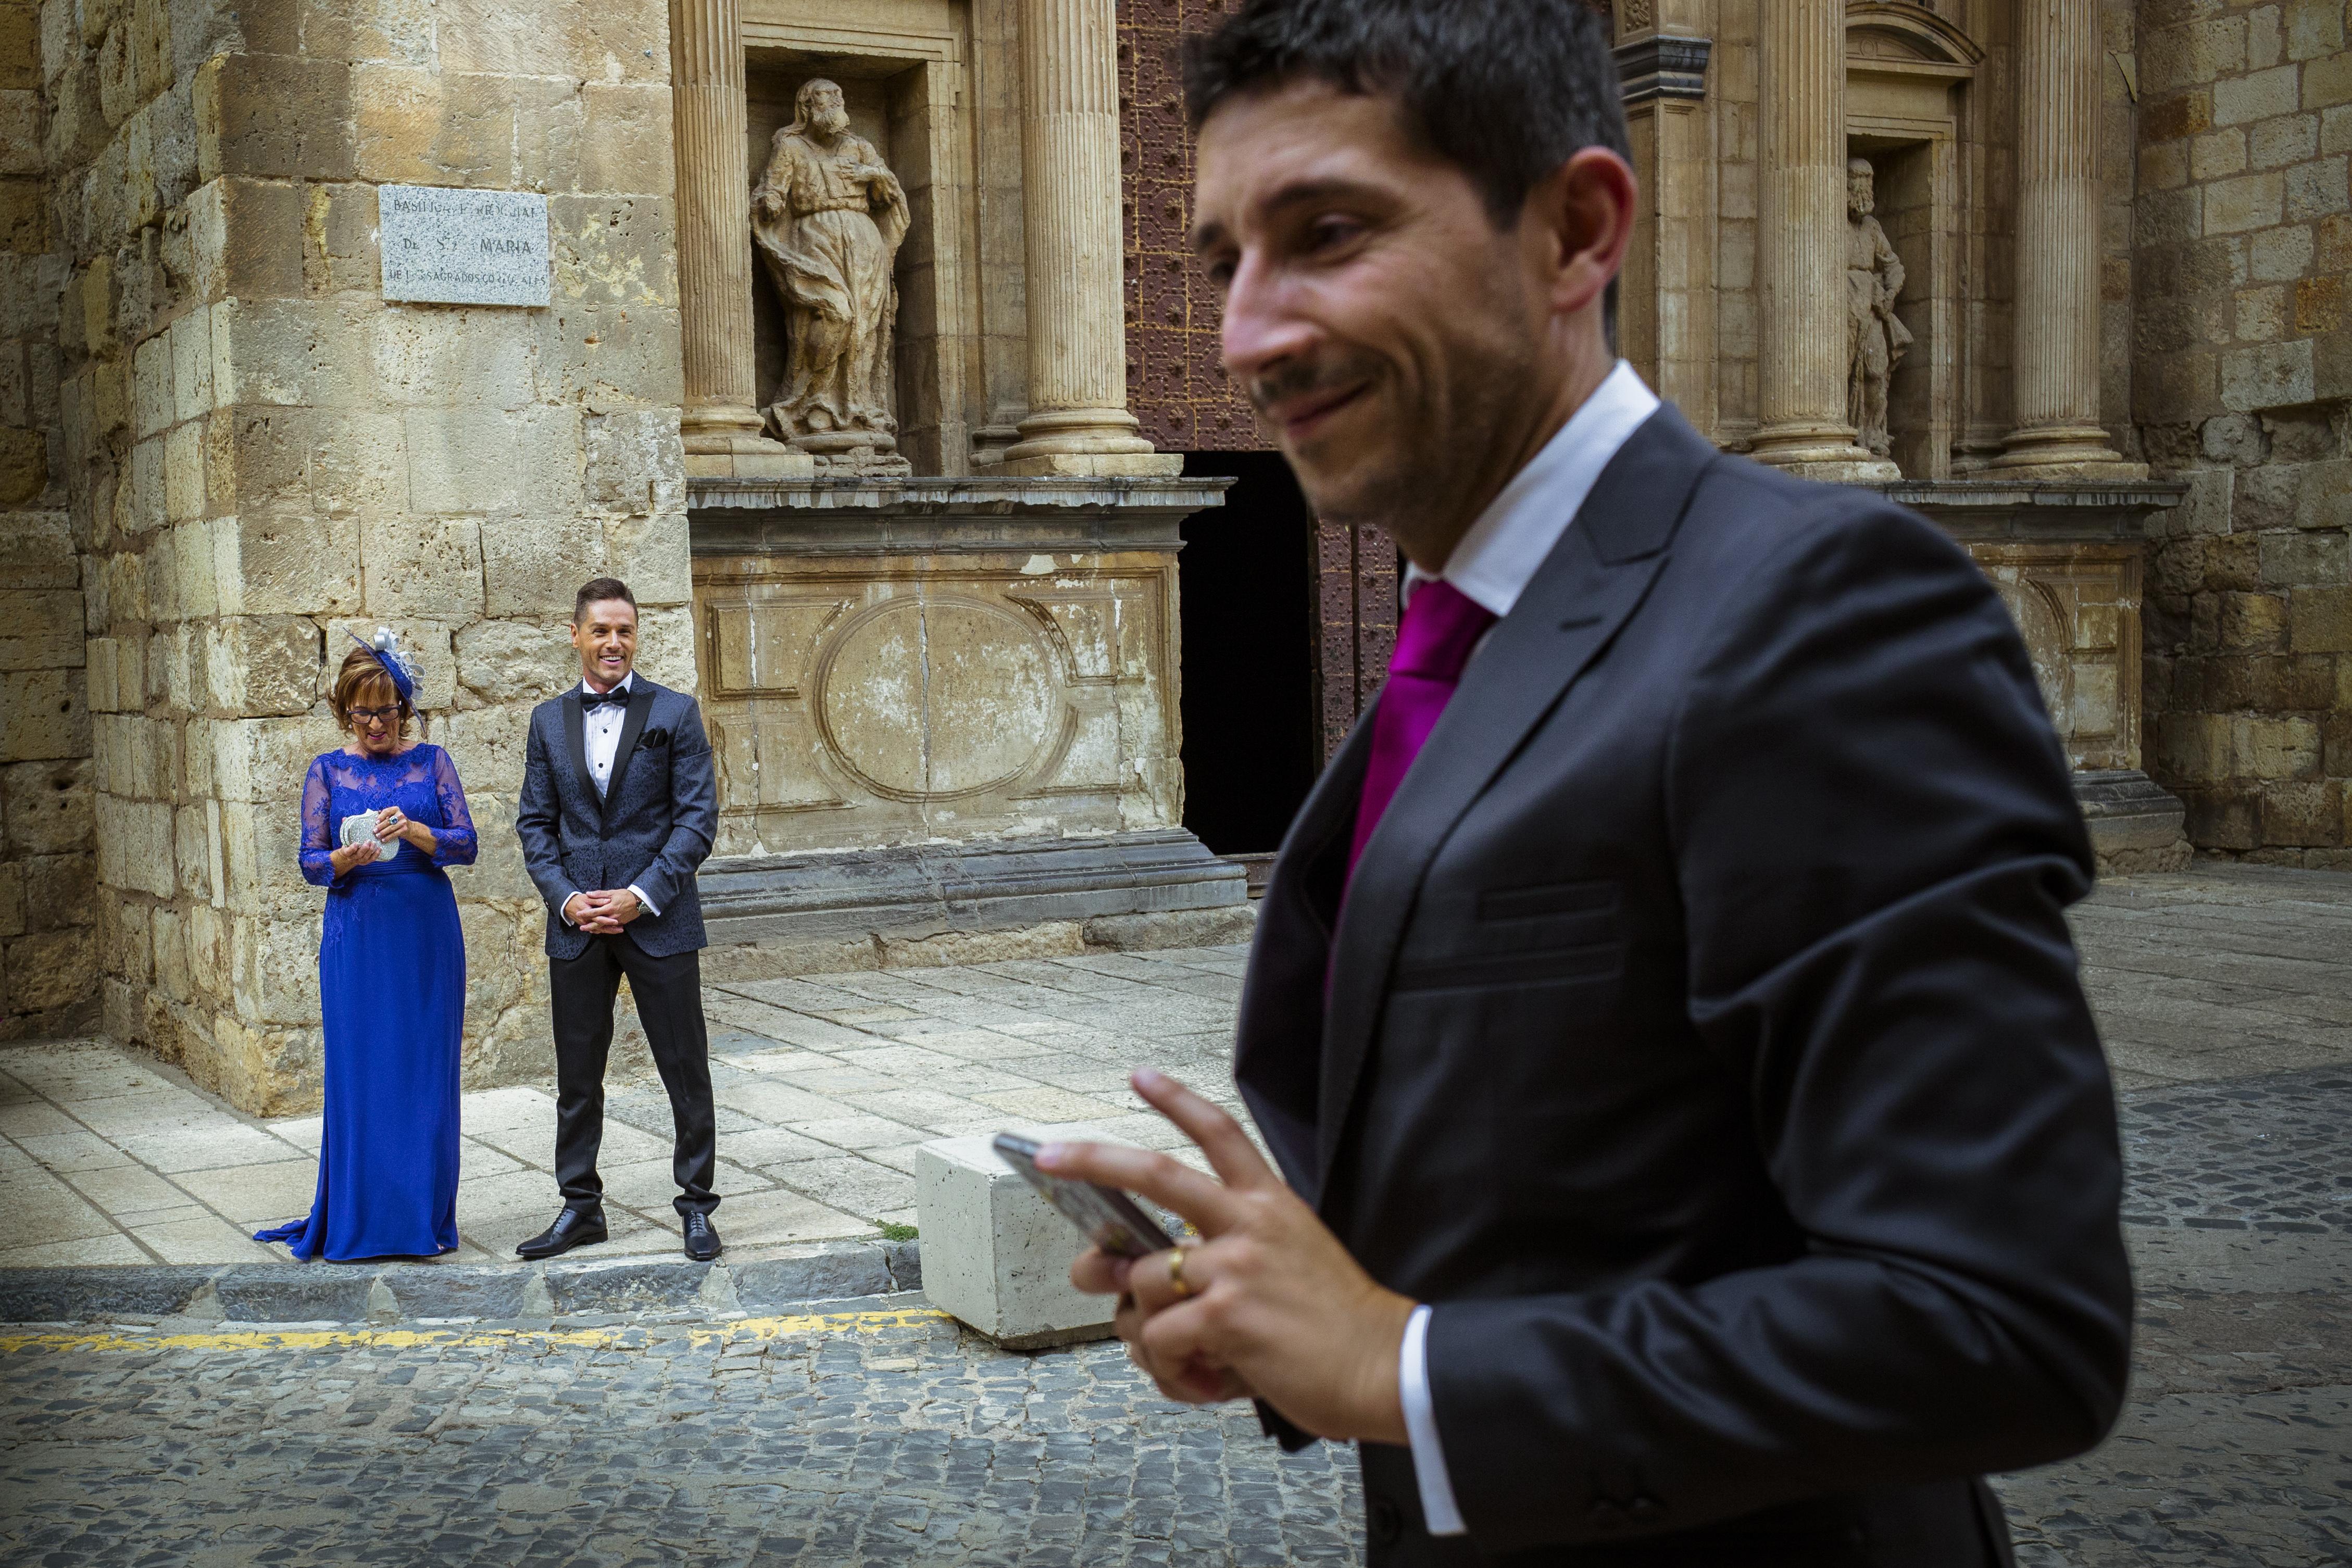 mandarina wedding, fotografos de boda, fotoperiodismo de boda, mejores fotografos de boda, bodas soria, bodas pirineo, bodas Madrid, fotógrafo daroca_05